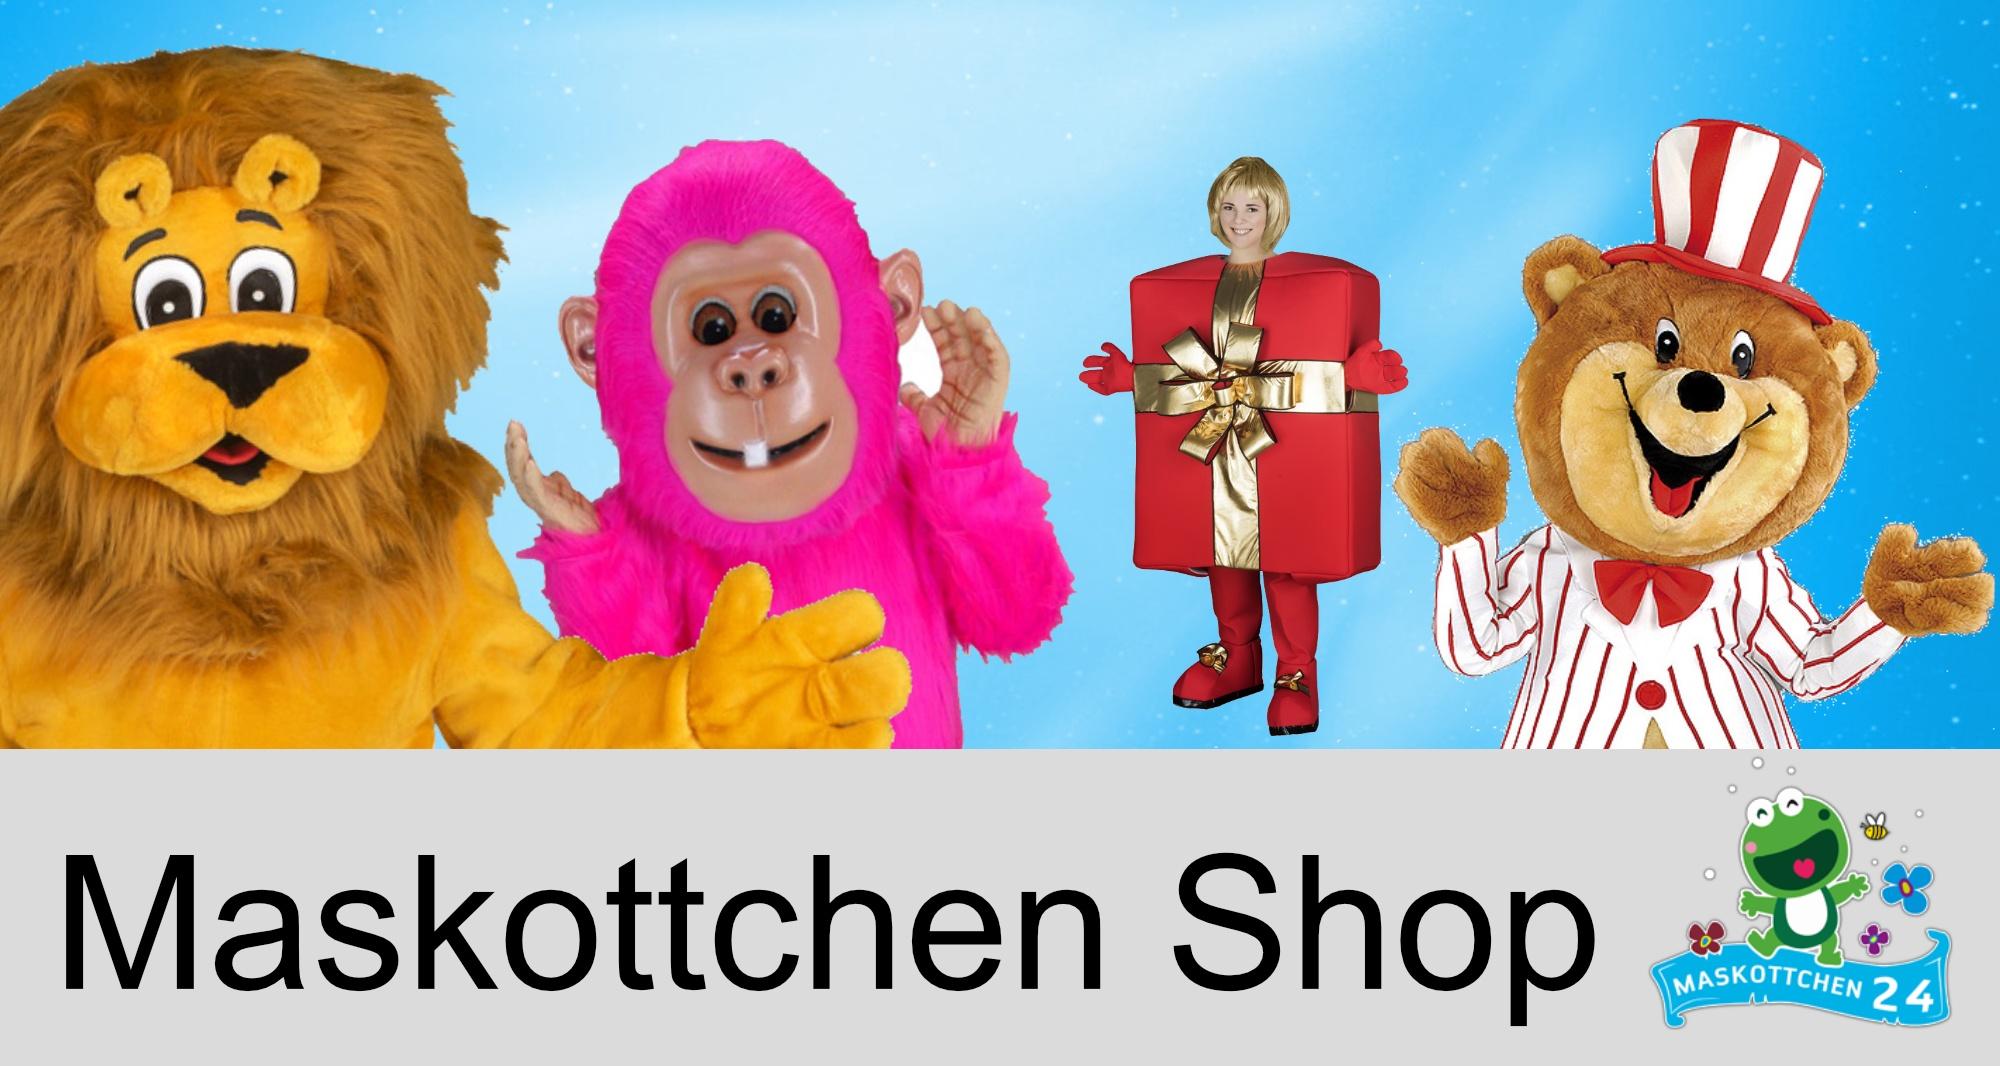 Maskottchen Shop Kostüme günstig kaufen